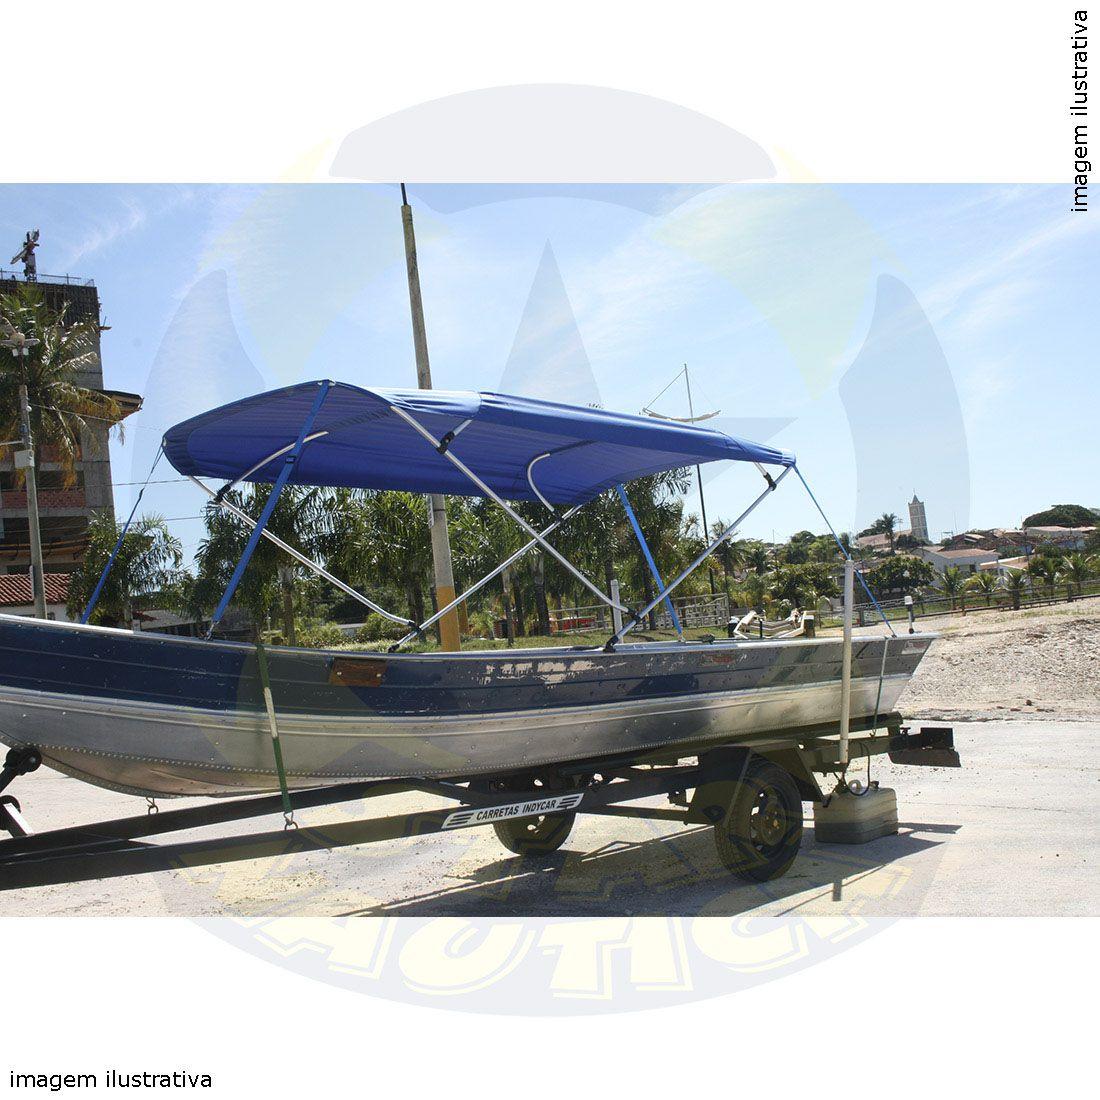 Capota Toldo Barco Boto 6000 Poliéster 4 Arcos Tubo 1 1/4